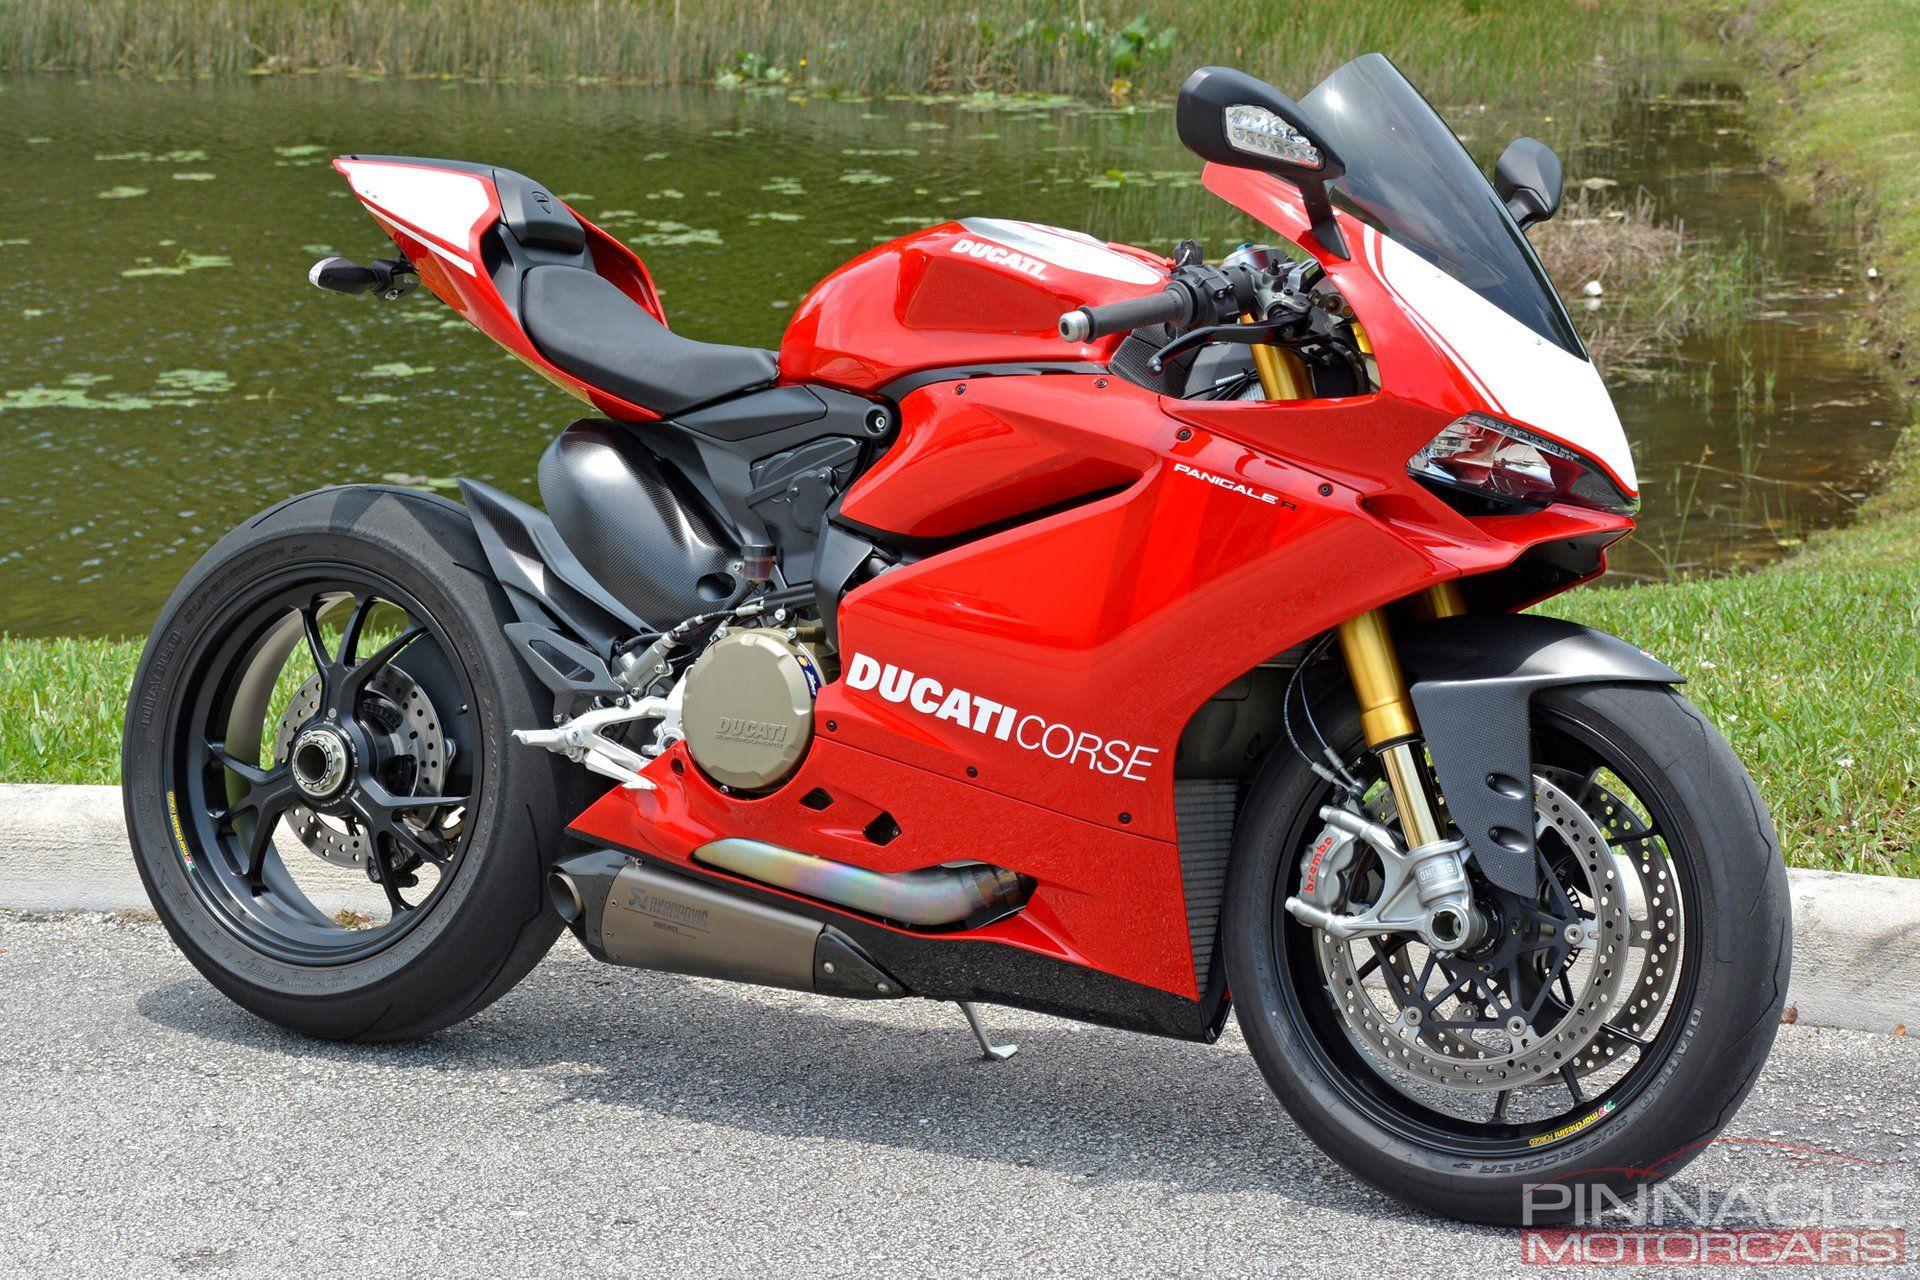 Ducati Panigale For Sale Ducati Panigale Ducati Ducati 848